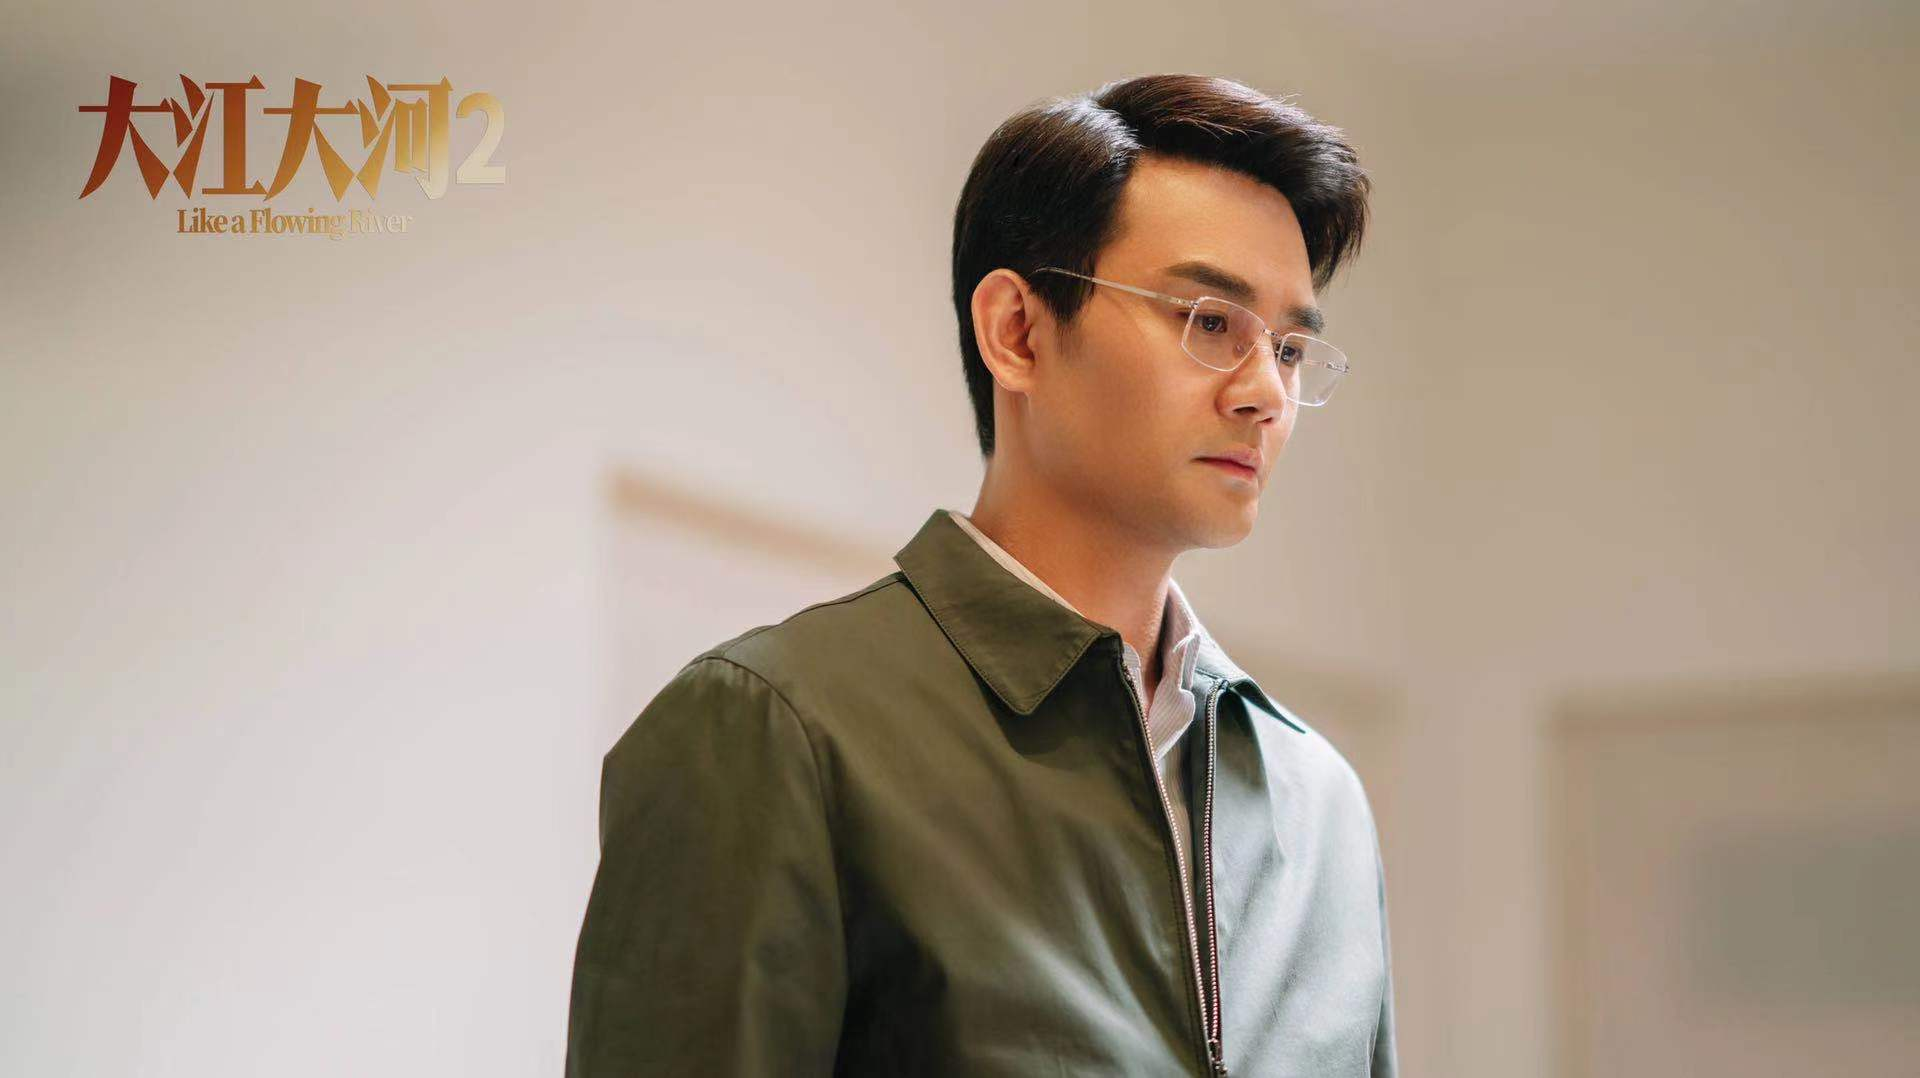 《大江大河2》收官 王凯:陪伴角色一同成长蜕变很欣慰